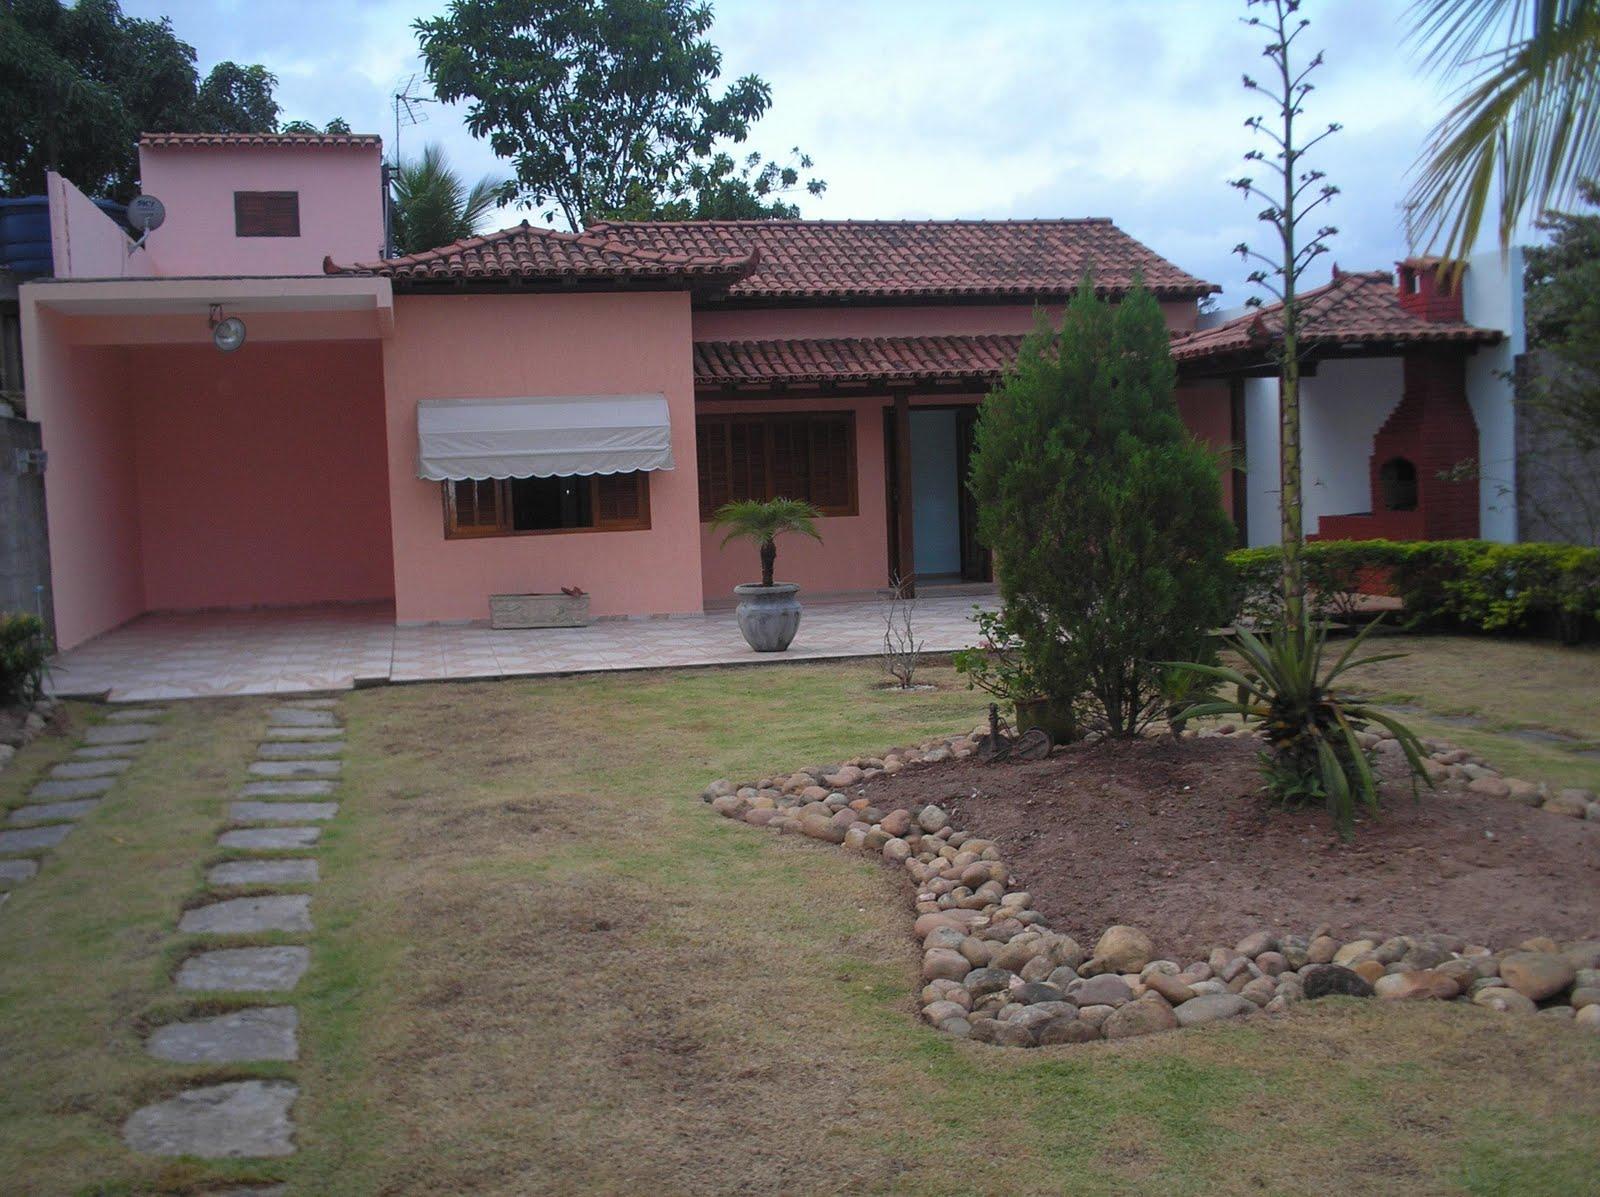 Imagens de #1380B8 VENDO CASA NO MIRANTE DA LAGOA EM FRENTE A LAGOA MACAE RJ 1600x1197 px 2816 Box Banheiro Macae